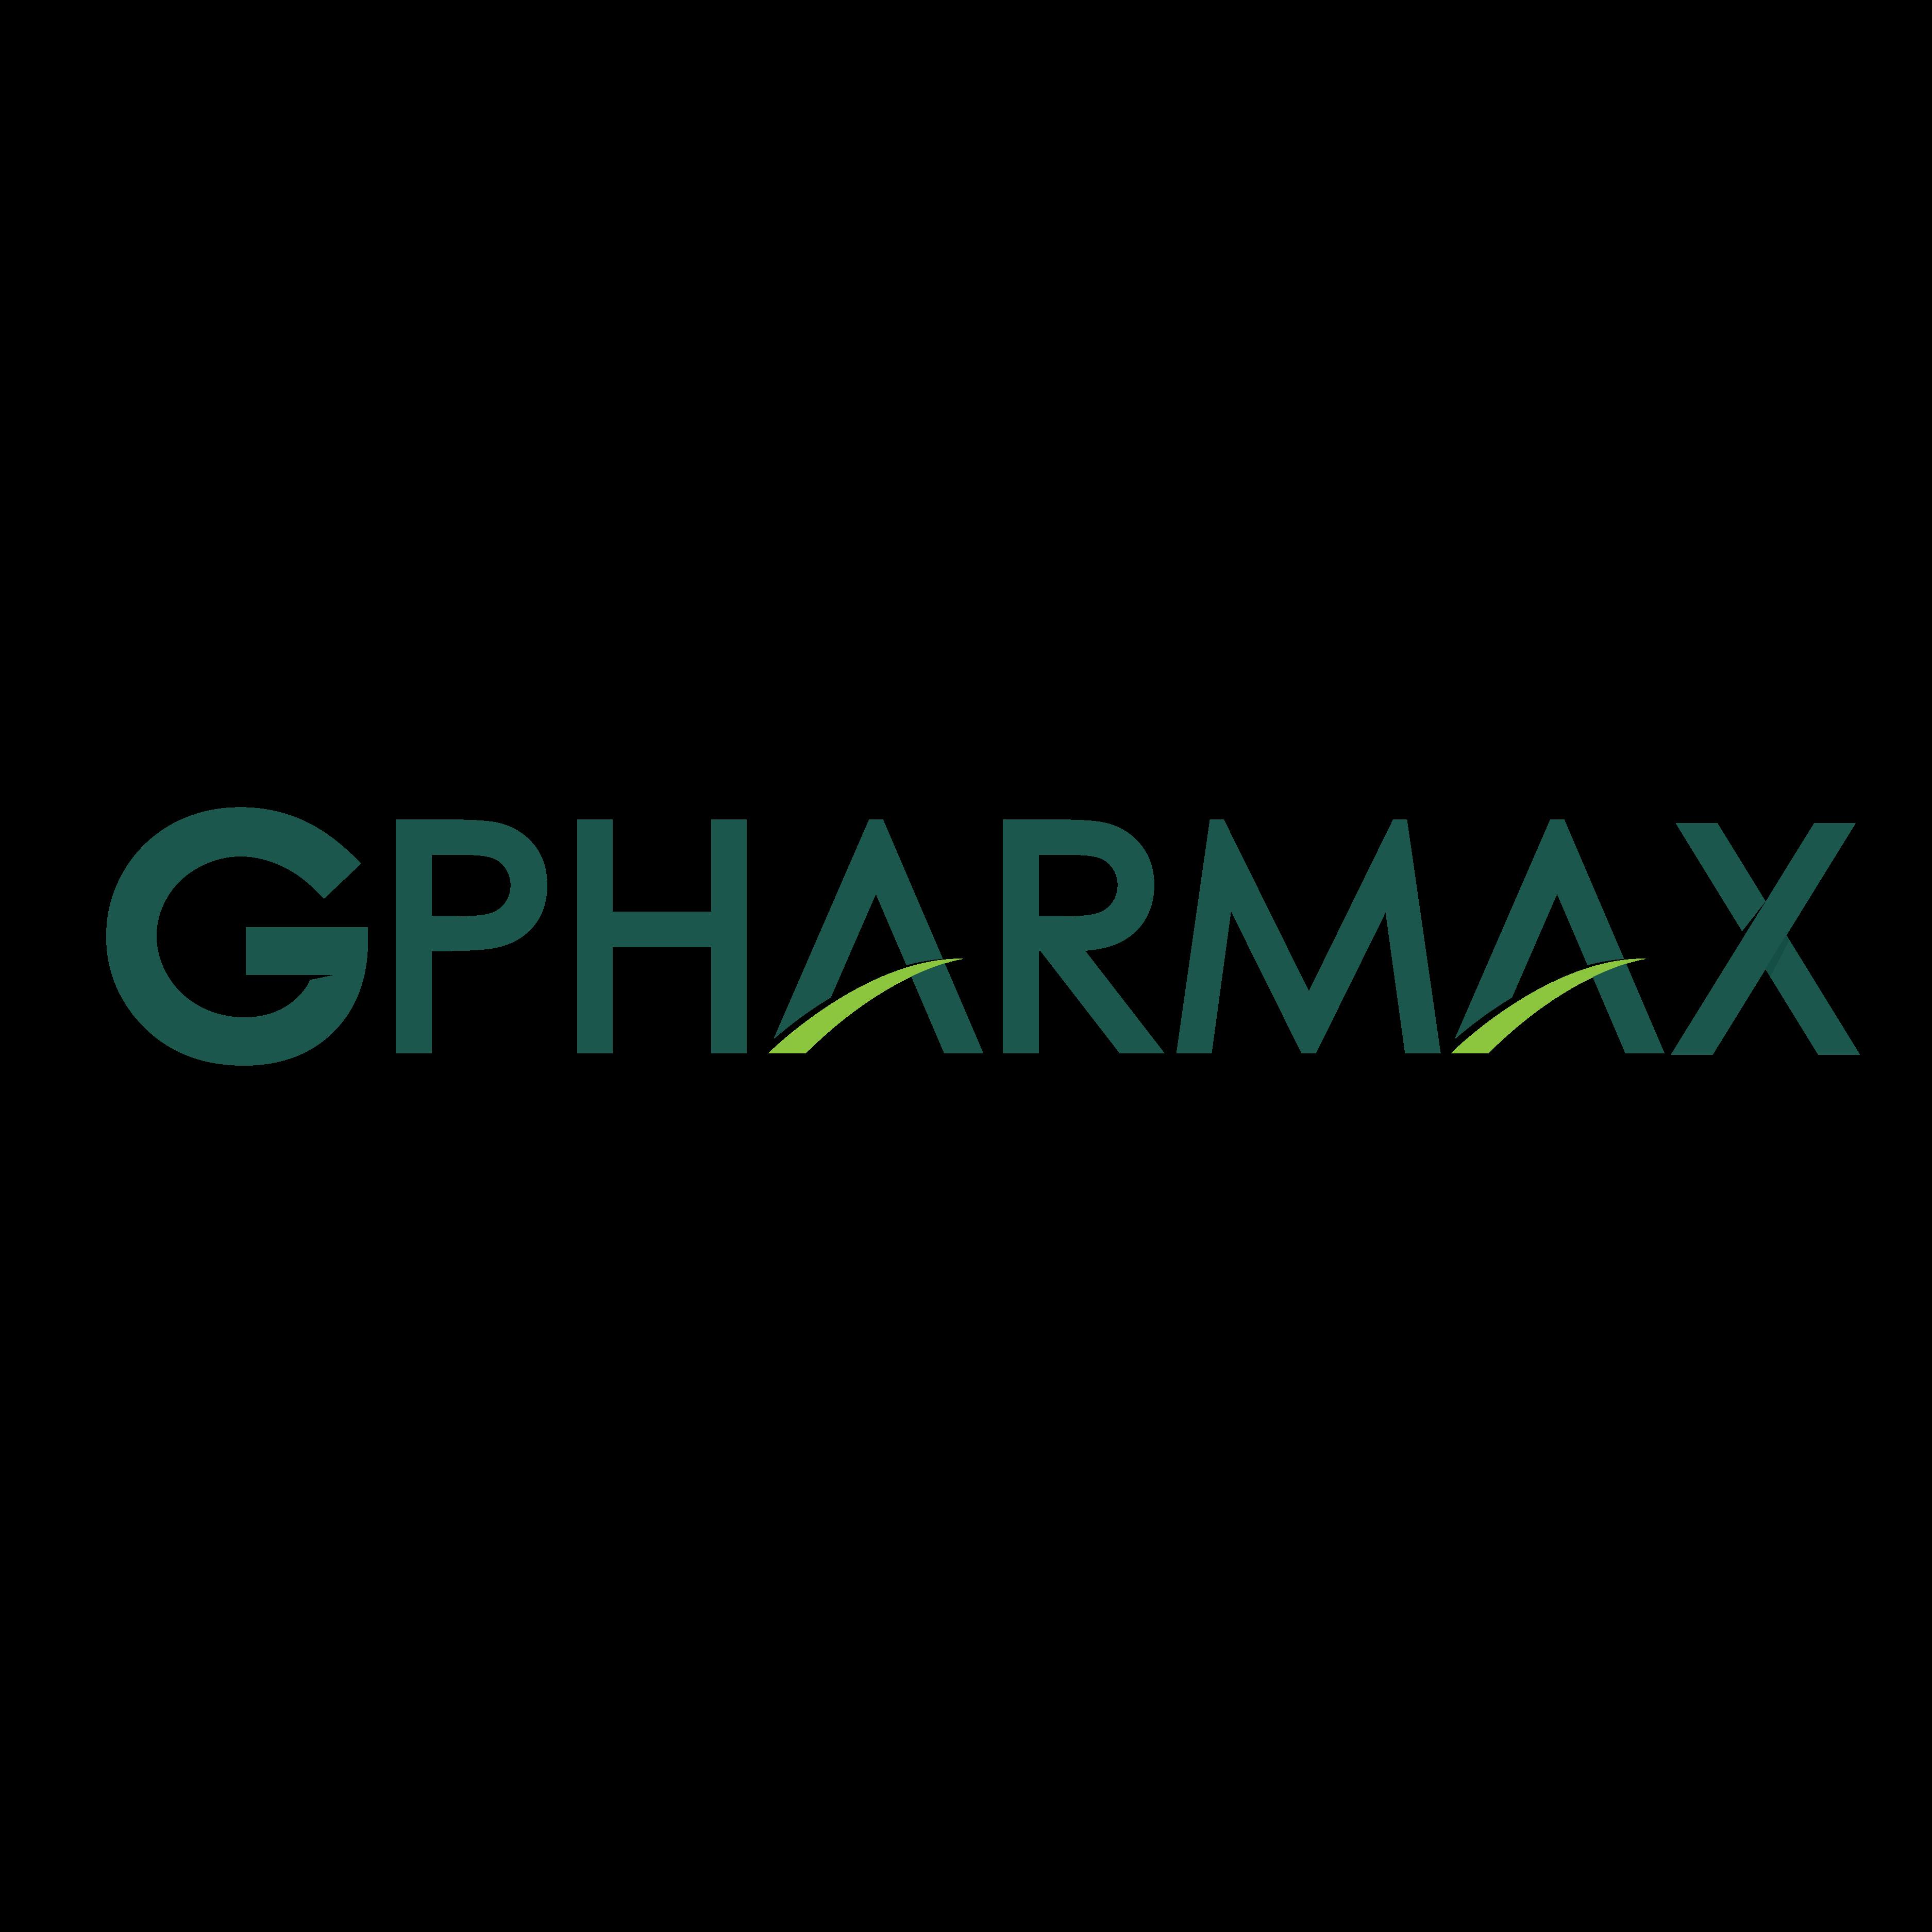 GPHARMAXHQ